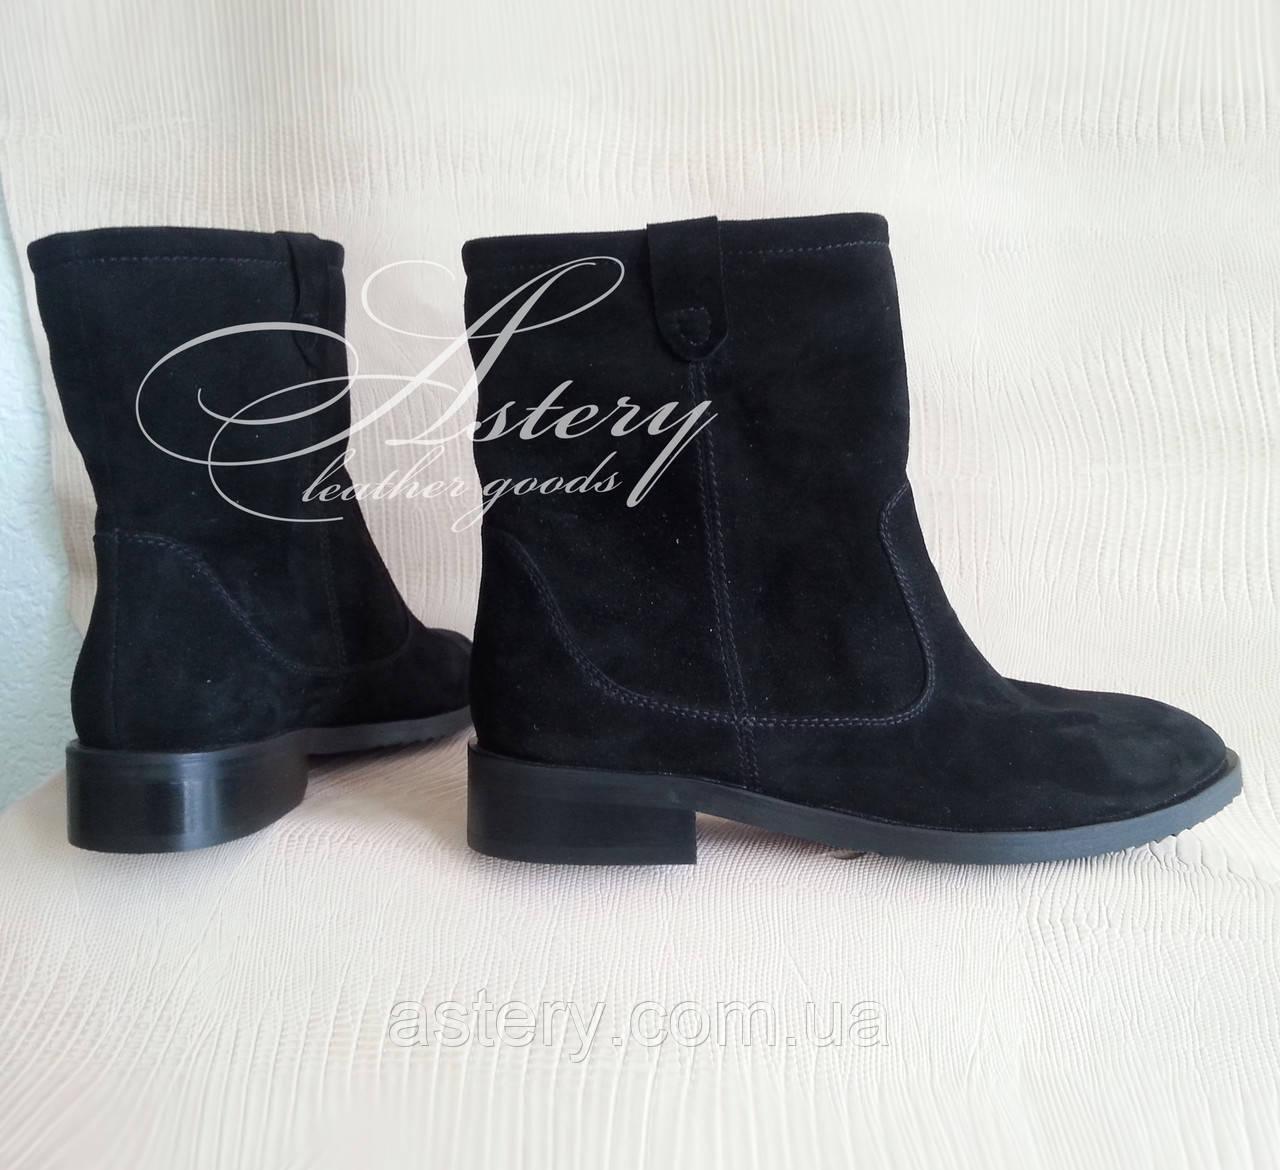 Женские ботинки замшевые с широким голенищем